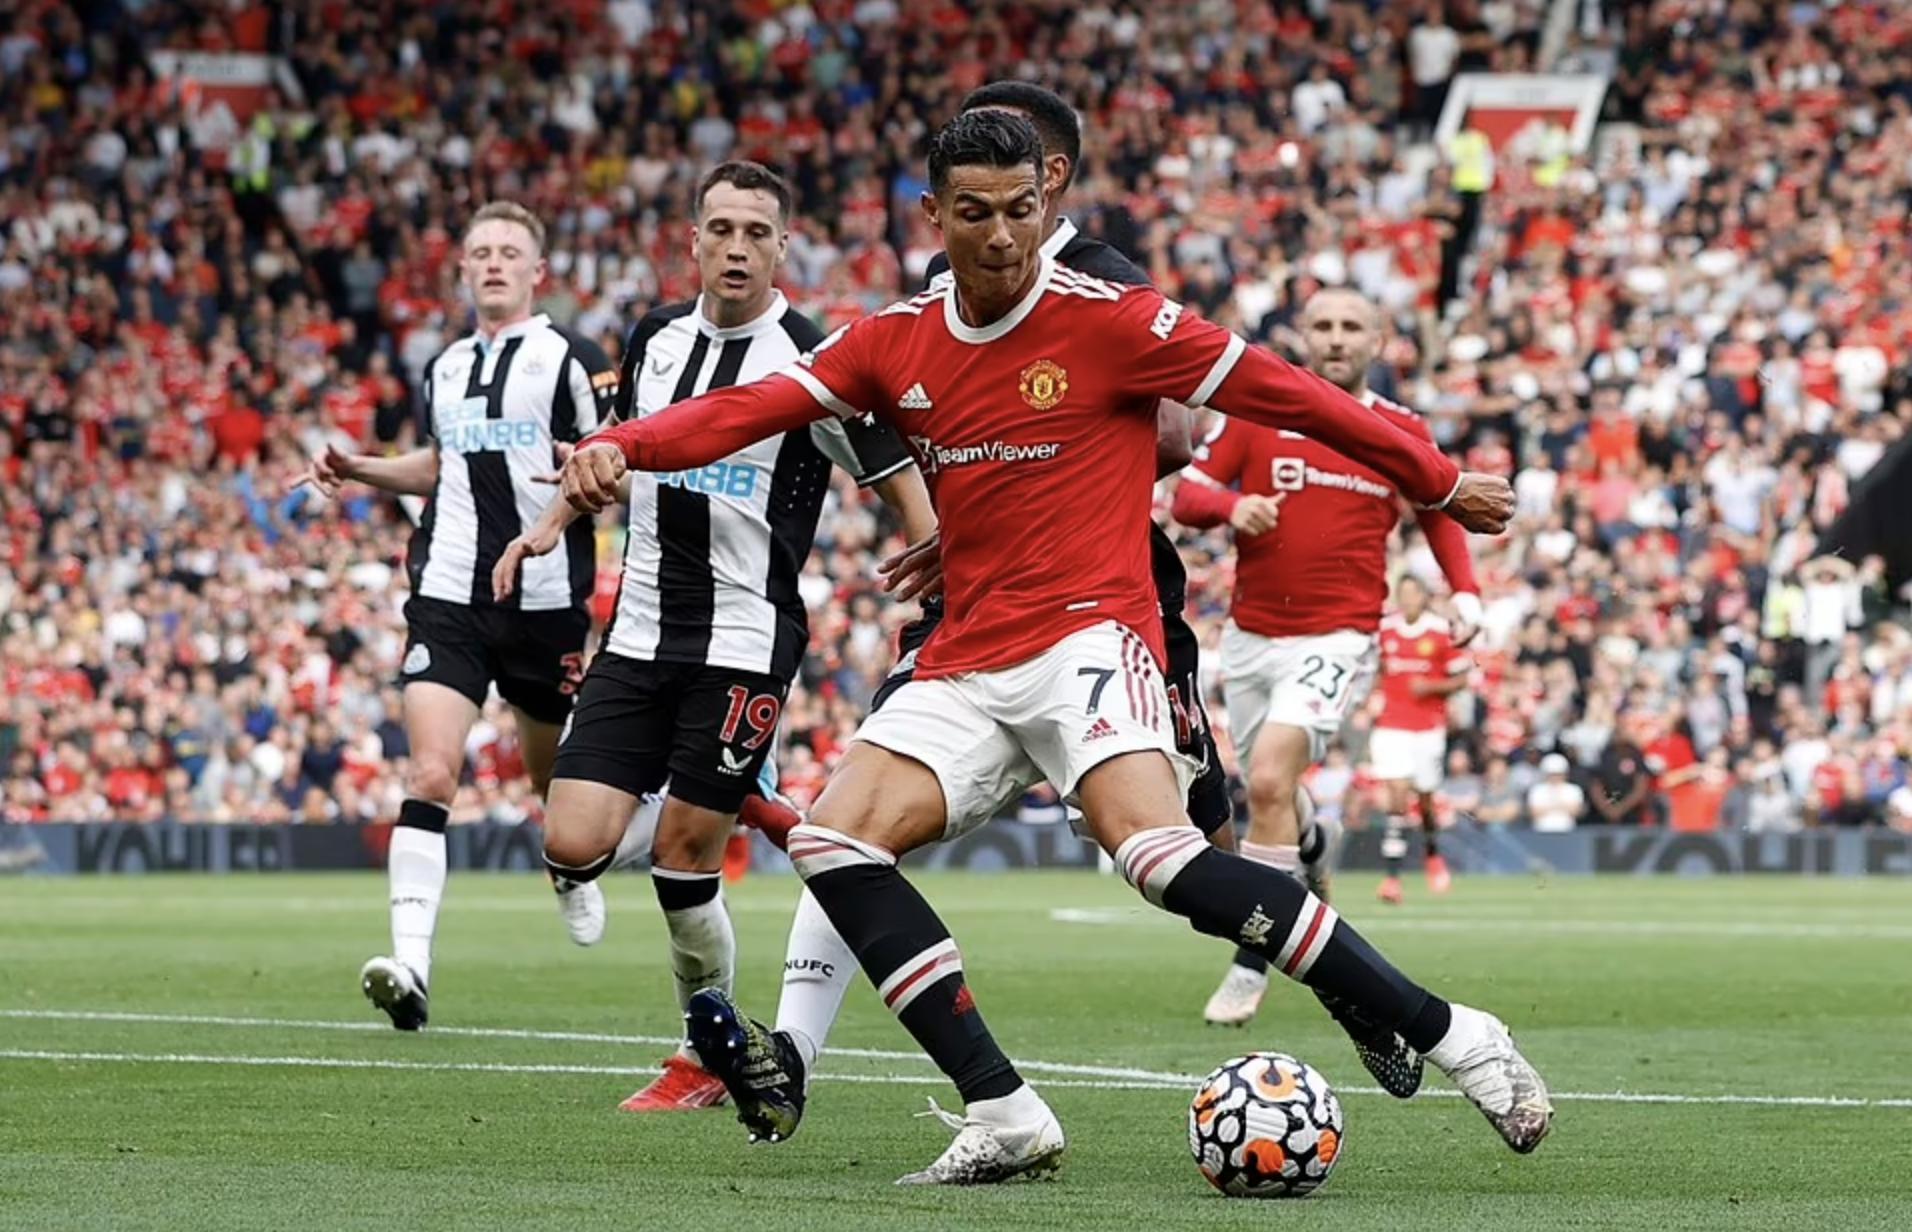 Cú đúp vào lưới Newcastle giúp Ronaldo chạm mốc 120 bàn cho Man Utd, sau 293 trận. Ảnh: Reuters